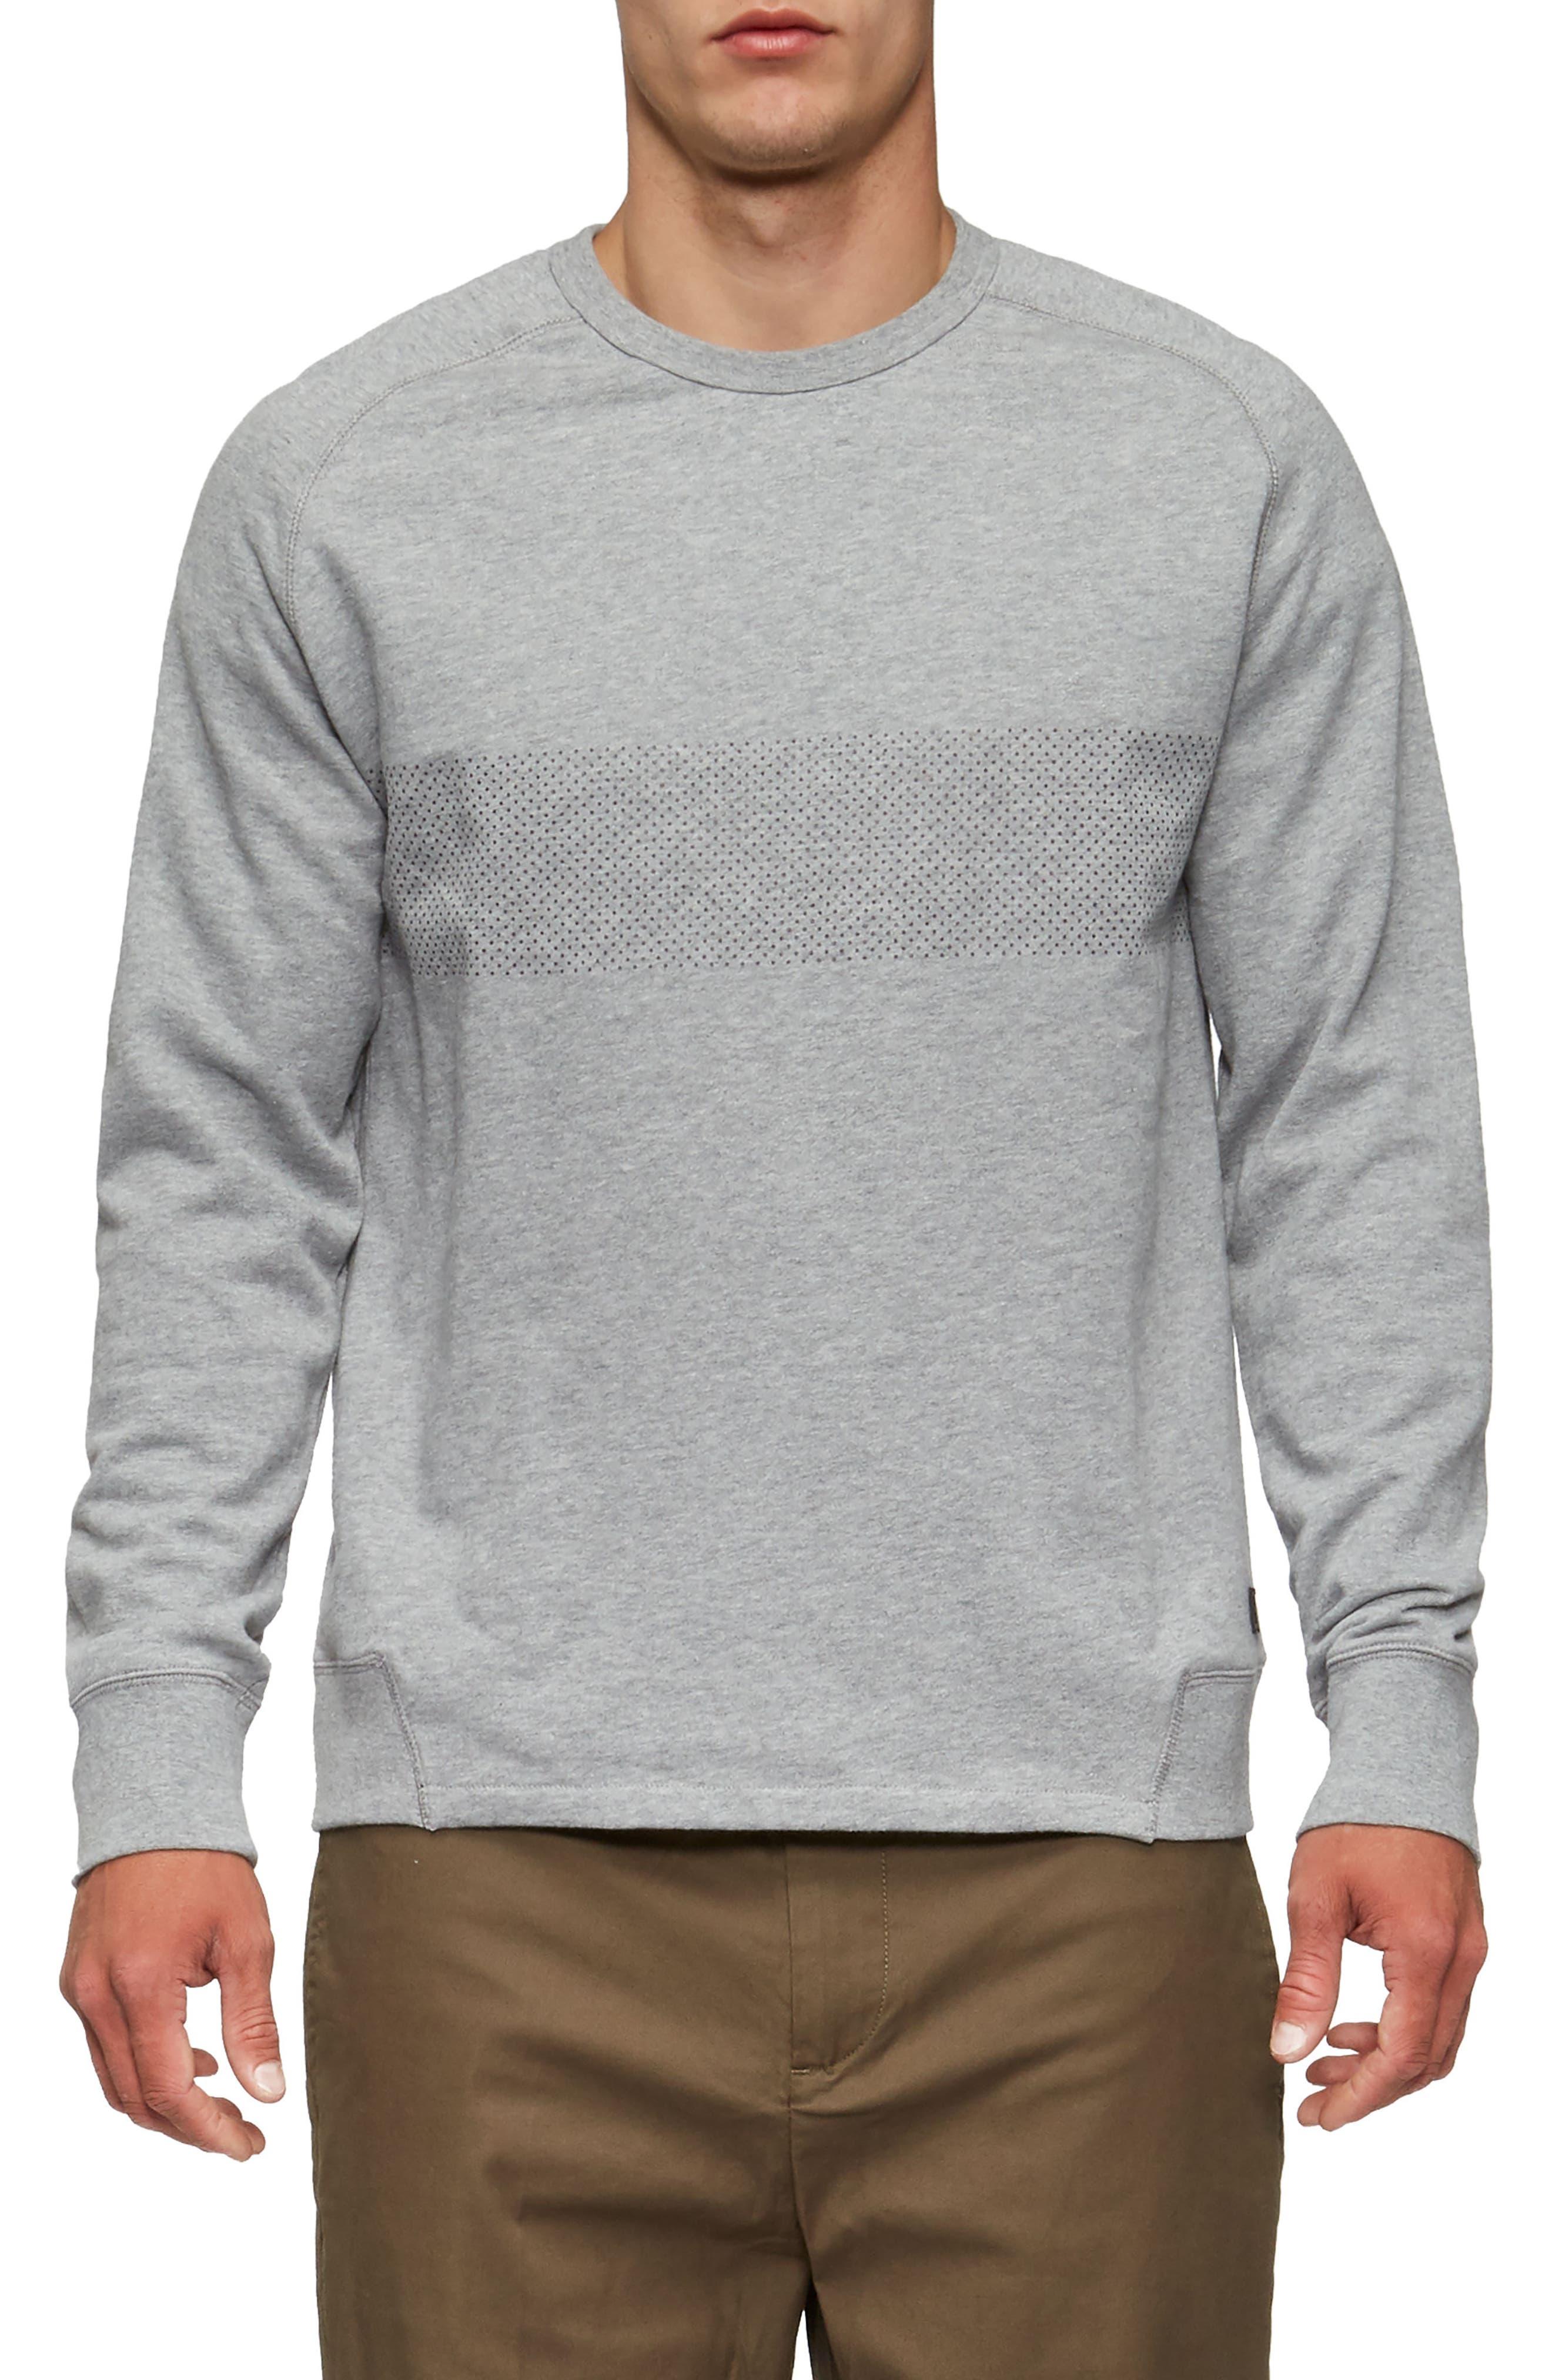 Alternate Image 1 Selected - TAVIK Stafford Crewneck Sweatshirt